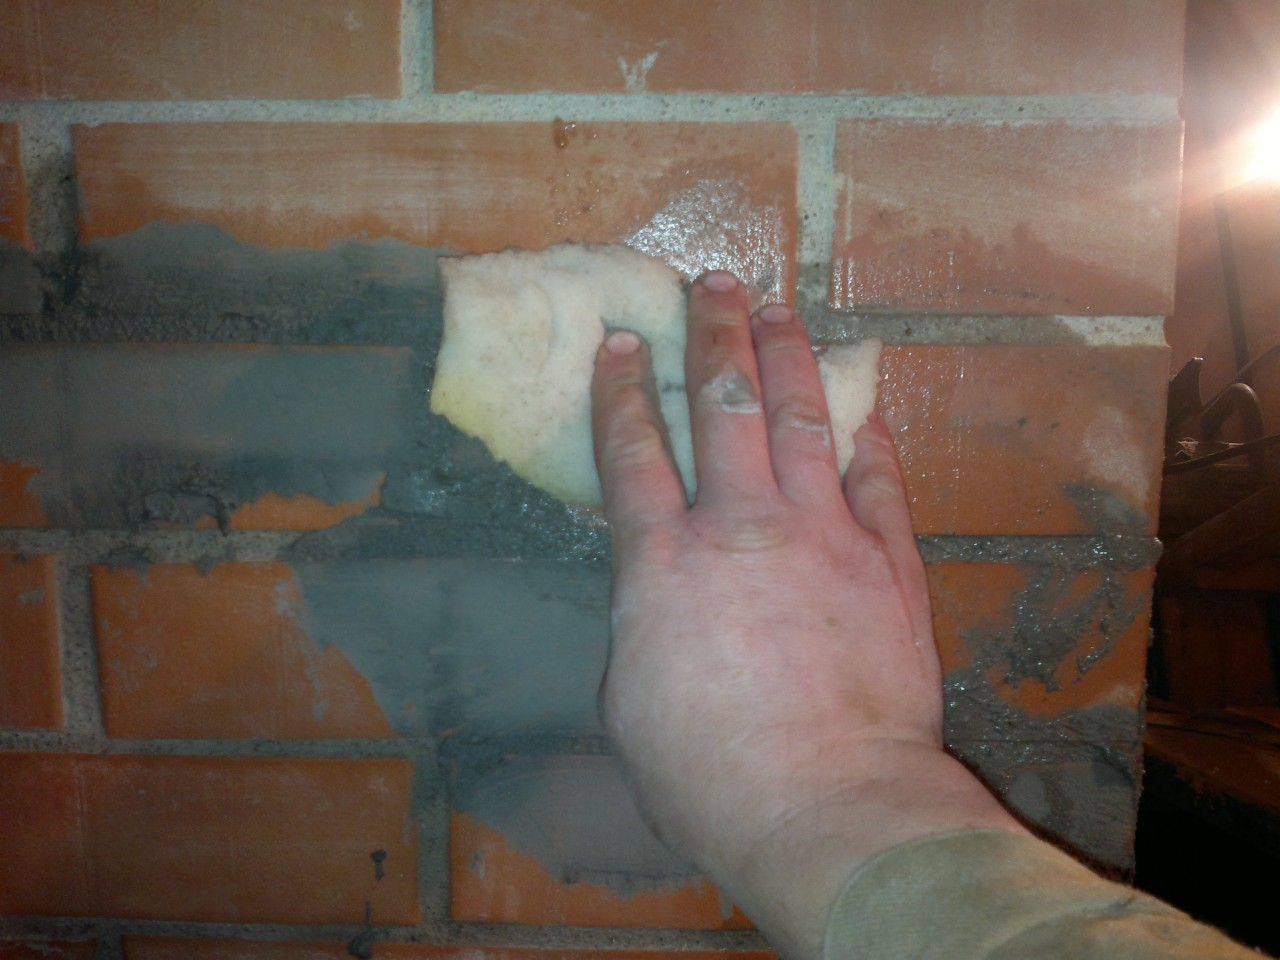 Чем можно замазать печку чтобы не трескалась - глина для печи